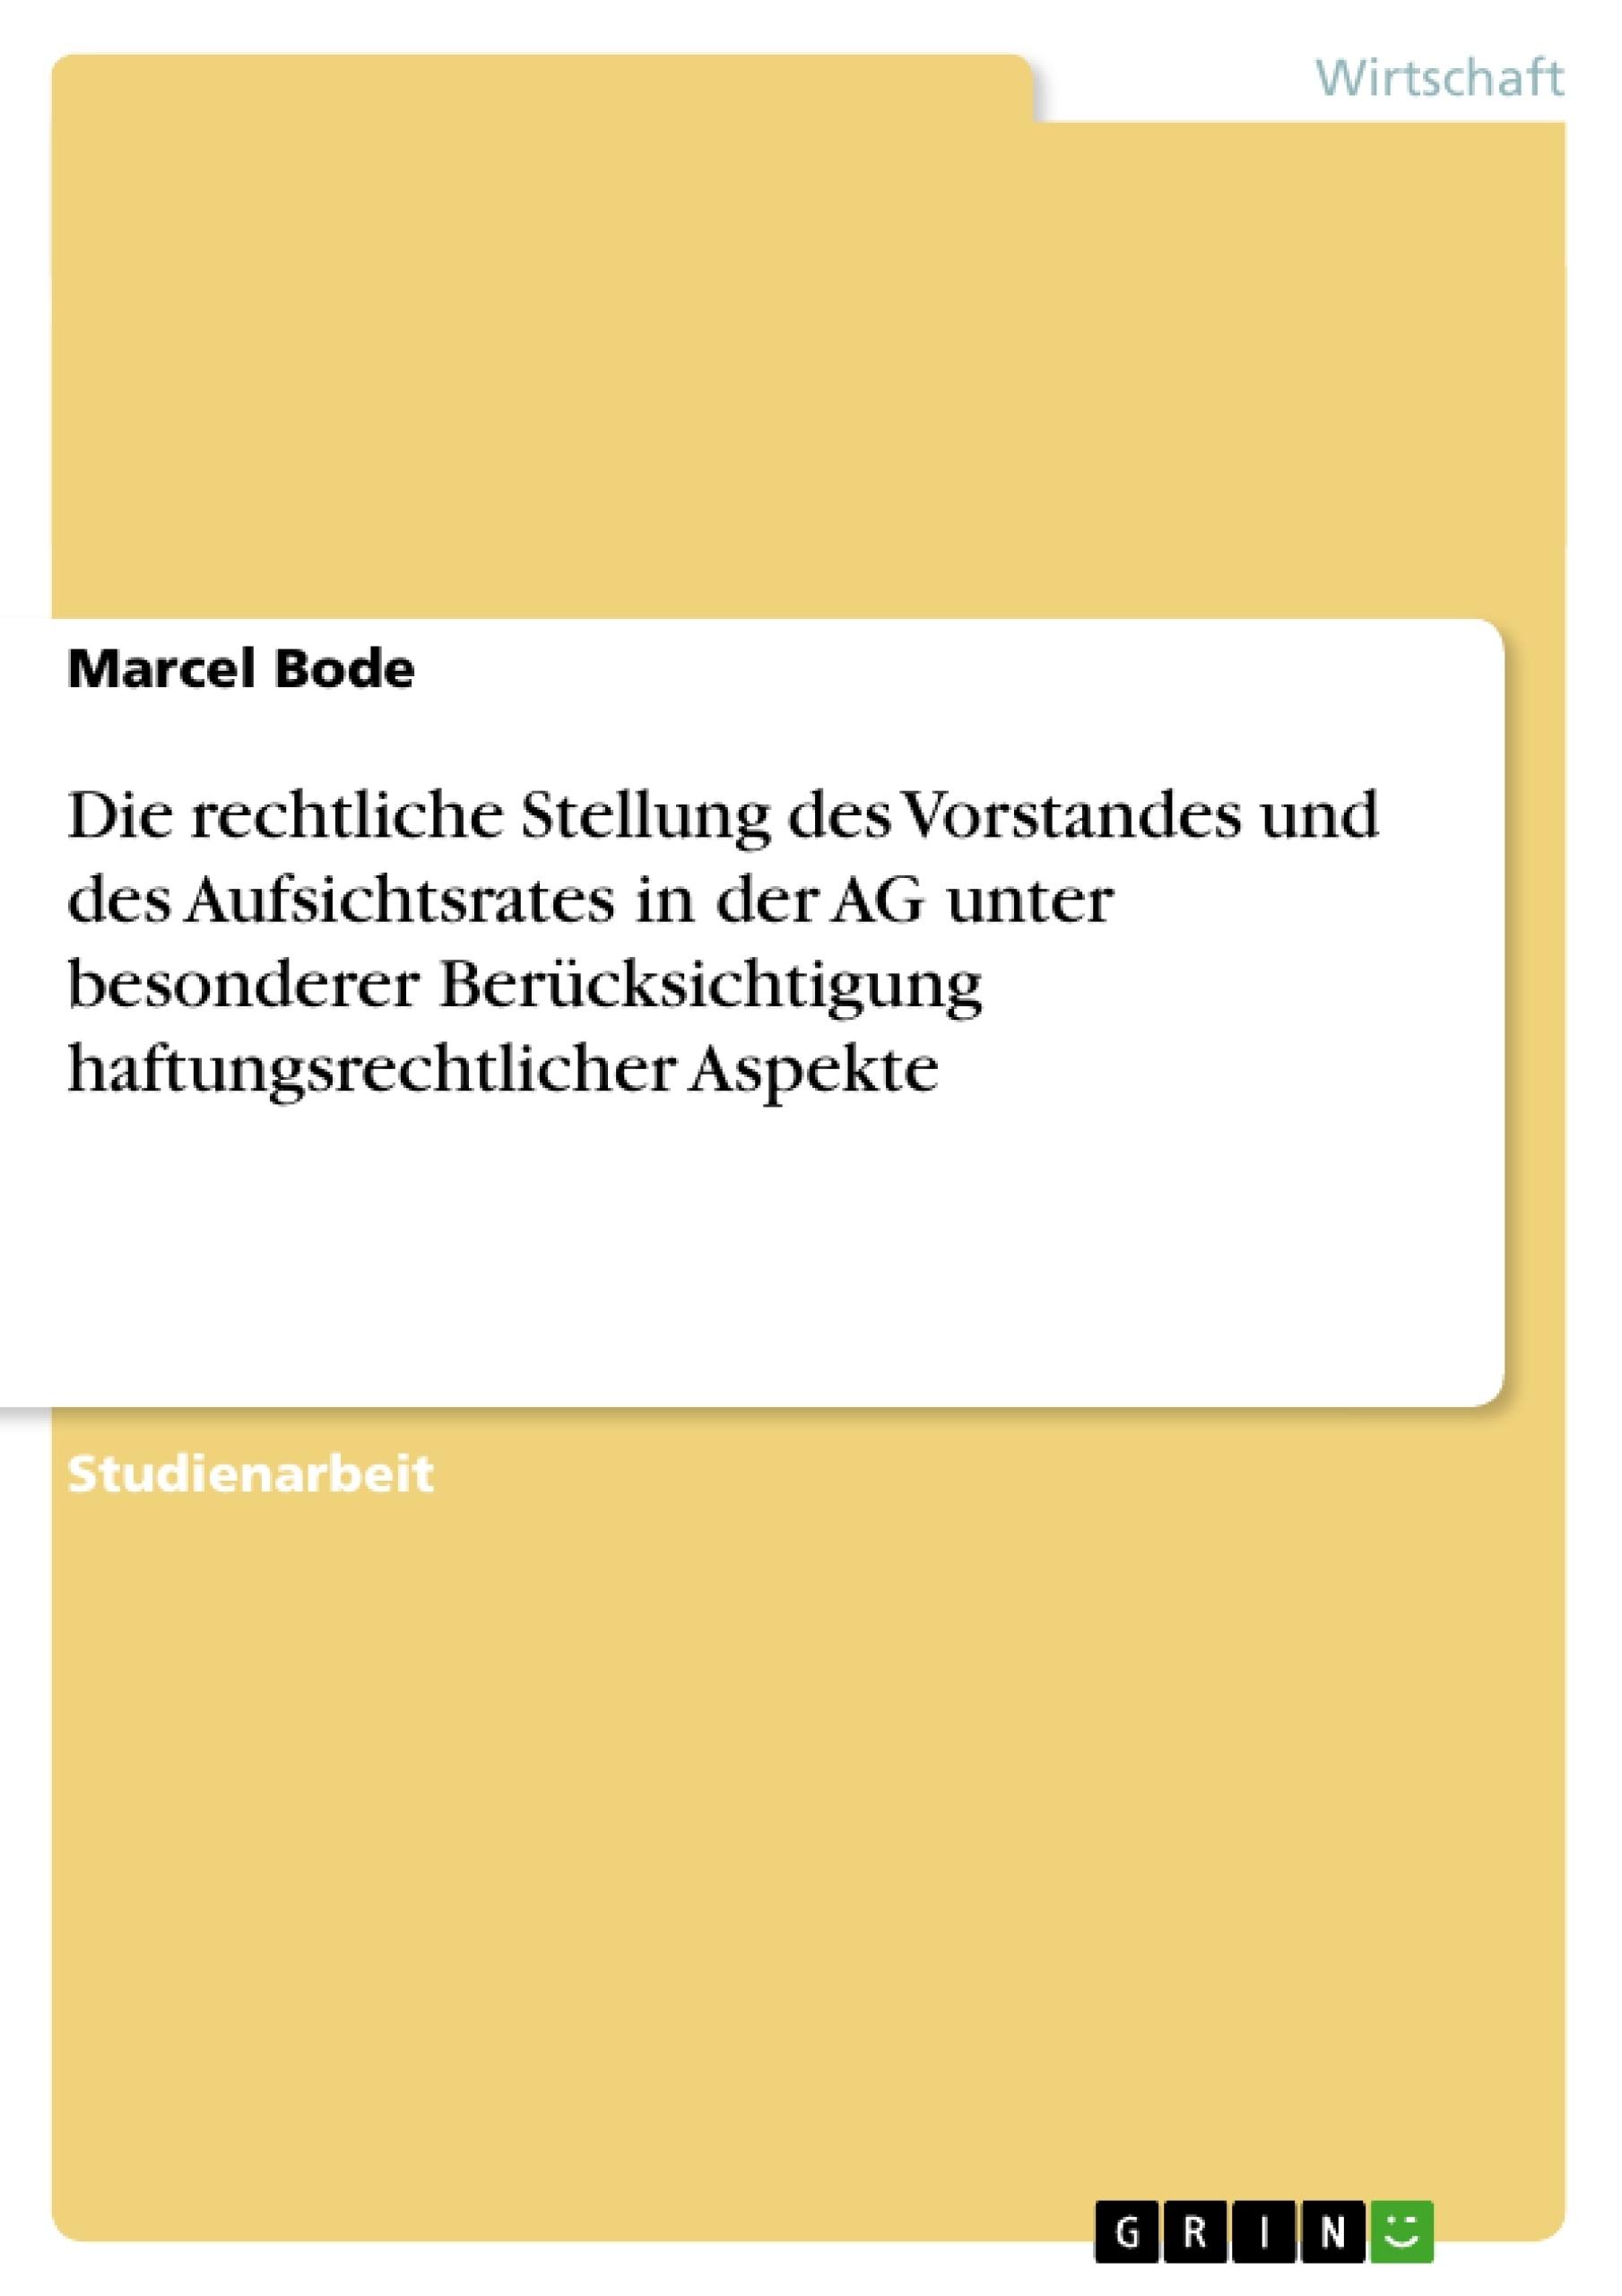 Titel: Die rechtliche Stellung des Vorstandes und des Aufsichtsrates in der AG unter besonderer Berücksichtigung haftungsrechtlicher Aspekte